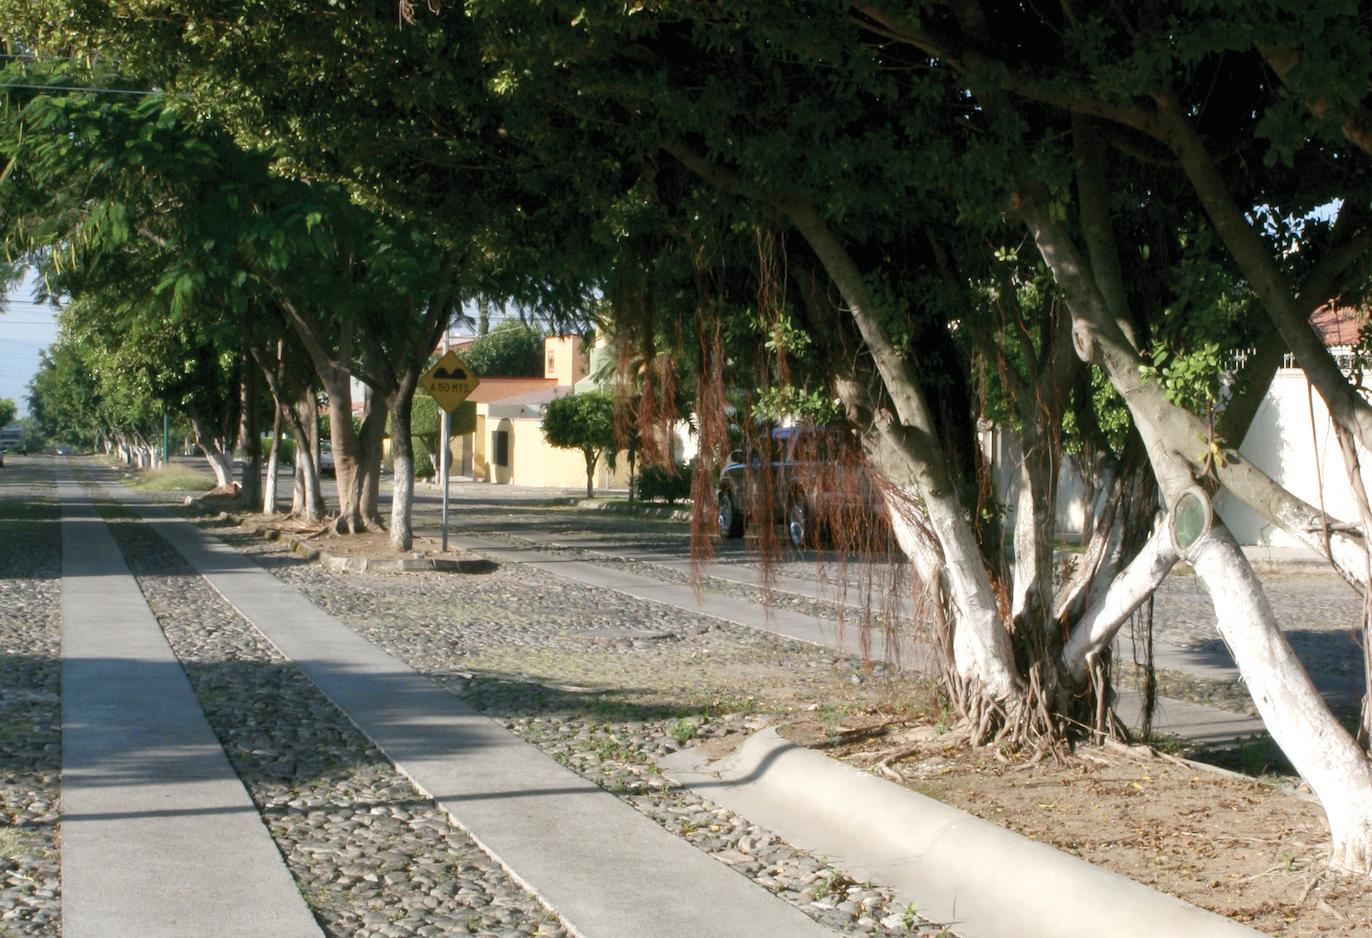 A través de una línea de crédito, contratada por el Municipio de Colima con Banobras, se financió la construcción de más de 3,470 metros lineales de huellas de rodamiento ecológicas, para la zona urbana y la localidad rural de Tepames, Colima.